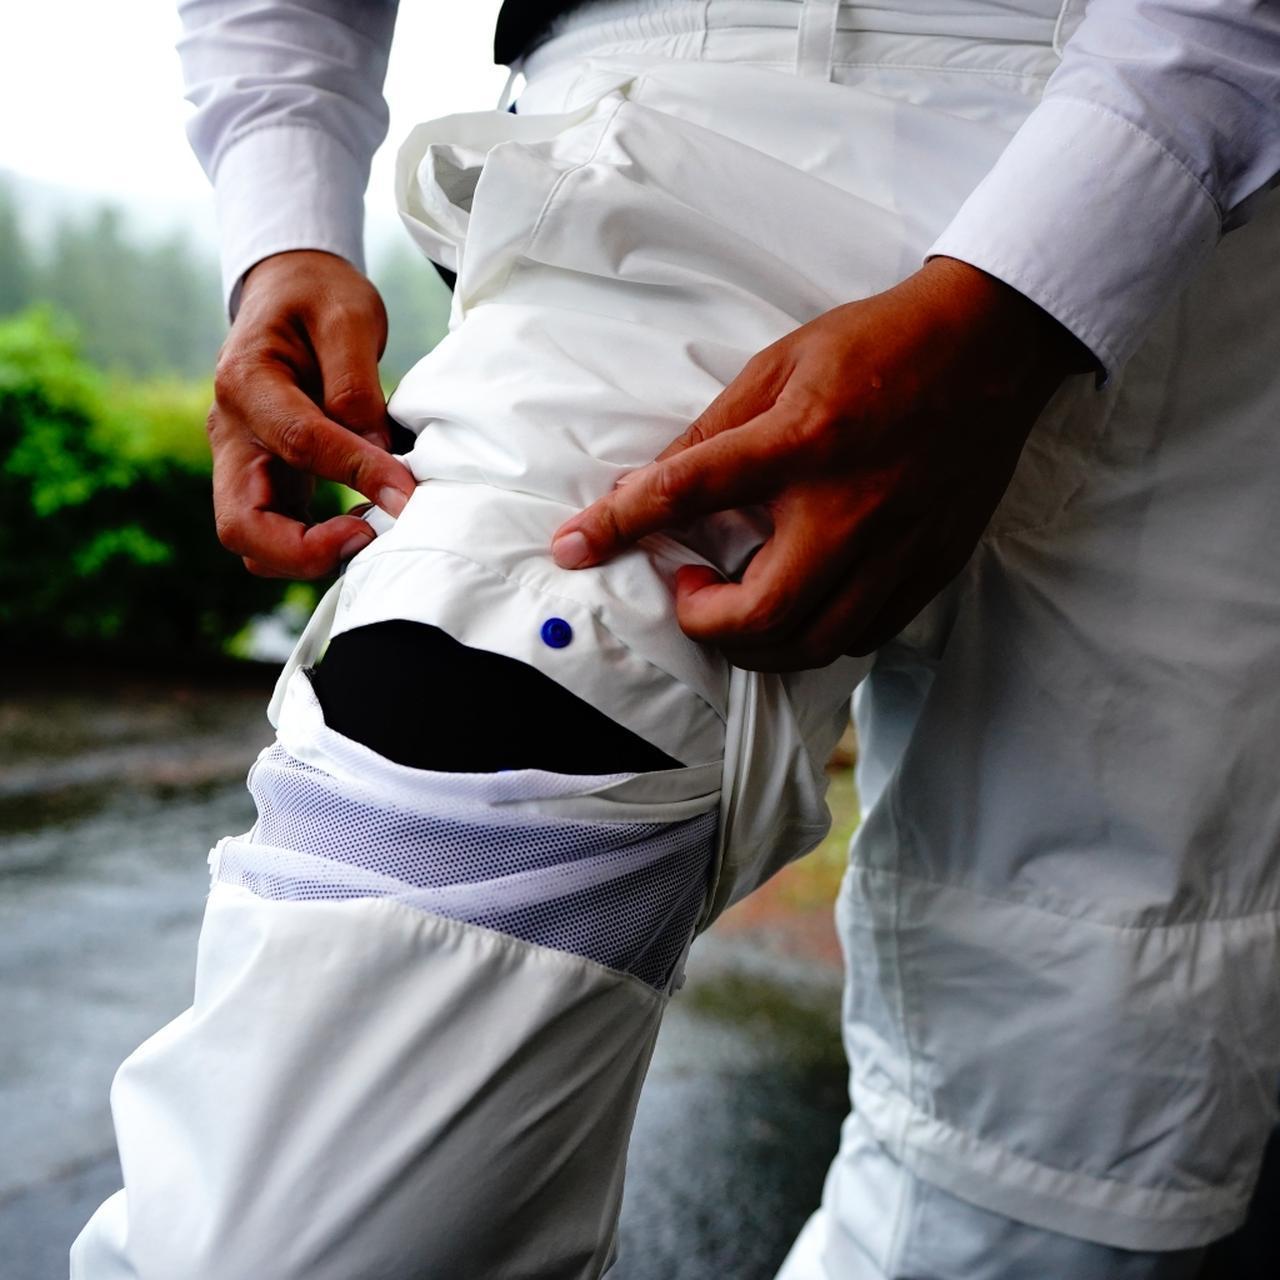 画像: 袖だけでなく、パンツ の裾も取り外せる。「リゾートゴルフのときに使えますね」